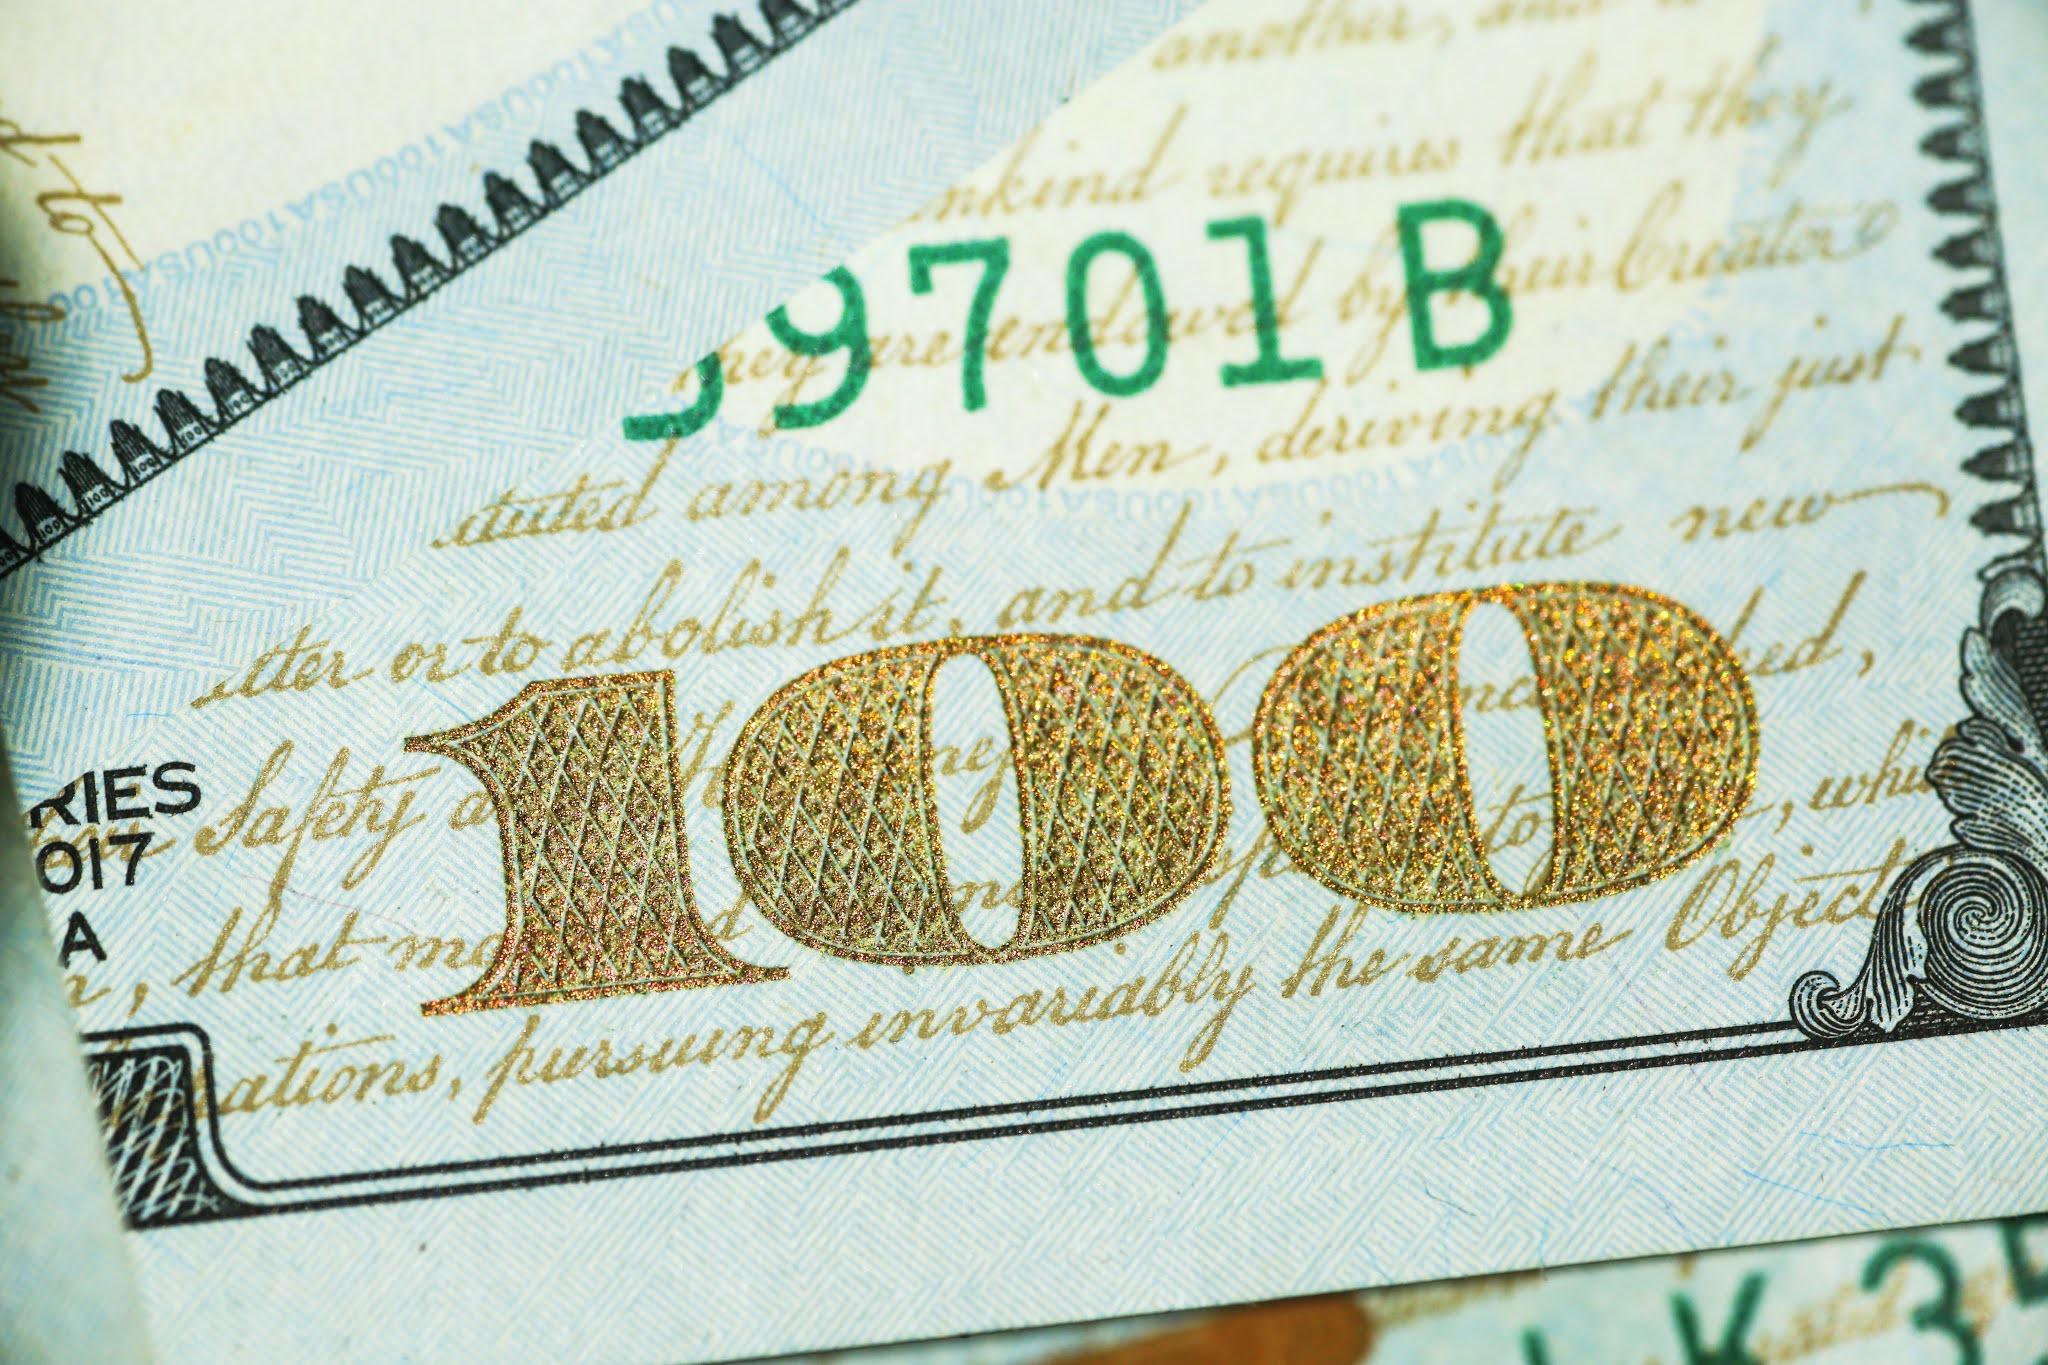 تقارير مالية مصر Egypt تشهد ارتفاعا في الاحتياطي النقدي الأجنبي